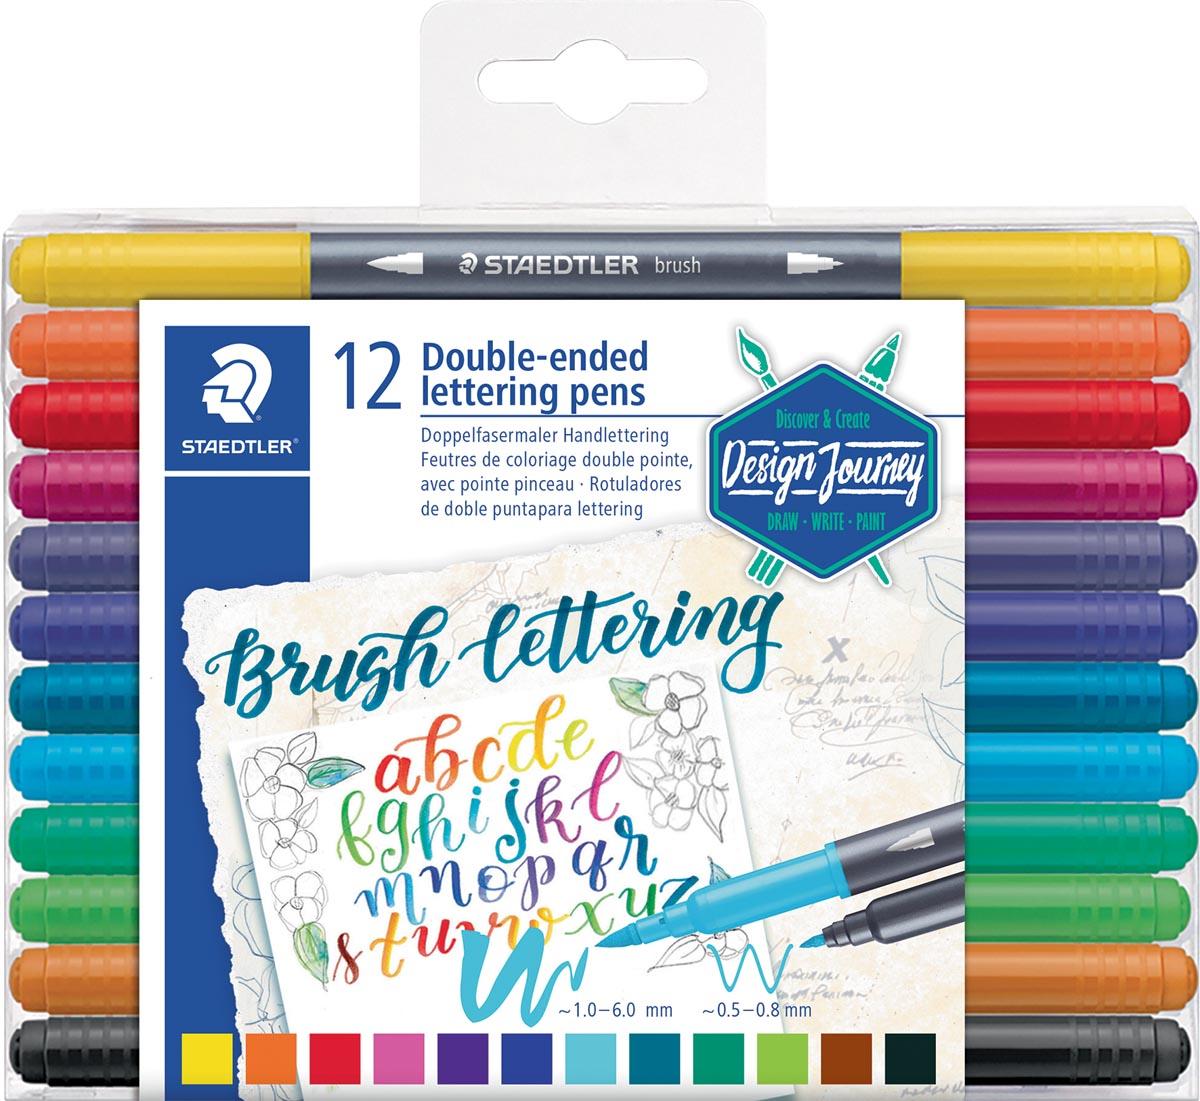 Staedtler brushpen Brush letter duo, doos van 12 stuks in geassorteerde kleuren